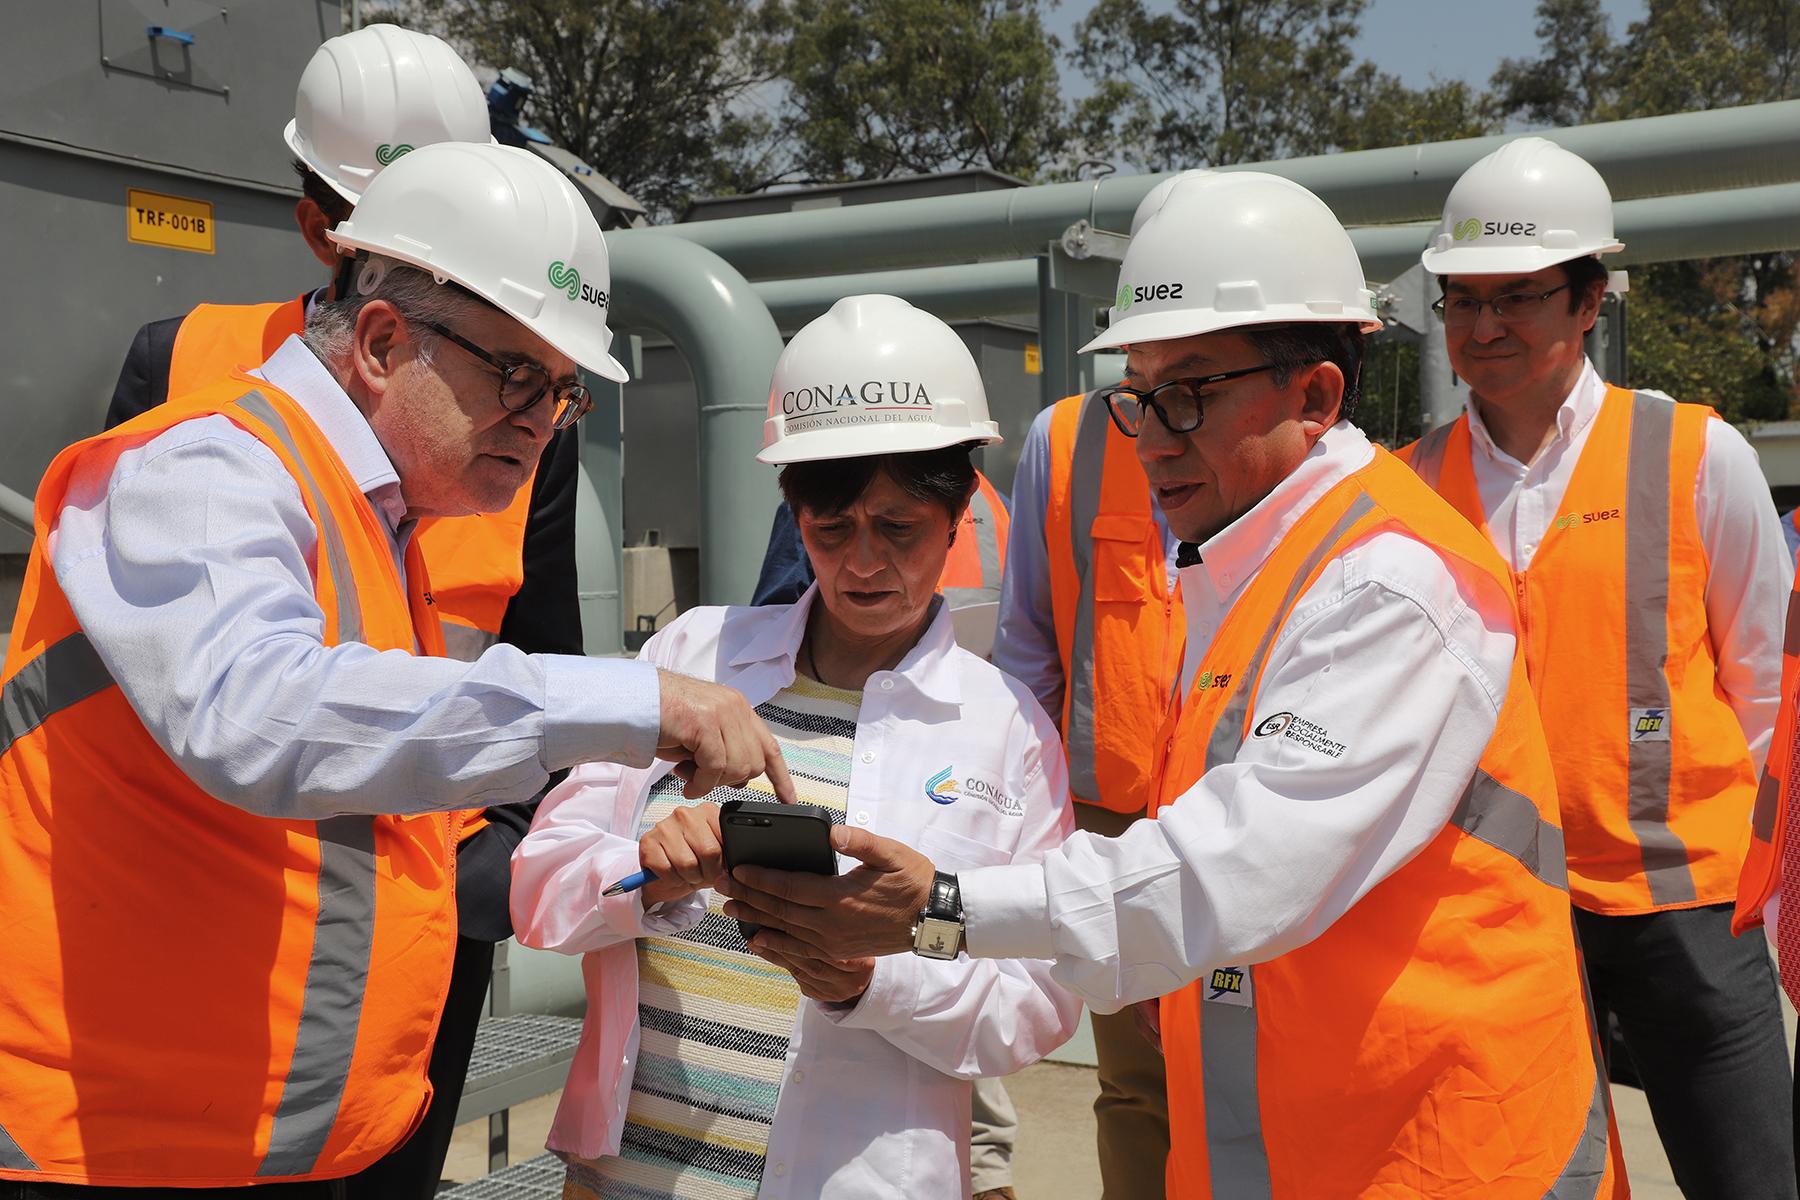 La Directora General de la Conagua, Blanca Jiménez Cisneros, y técnicos encargados de la PTAR, realizaron un recorrido de supervisión por la planta Chapultepec